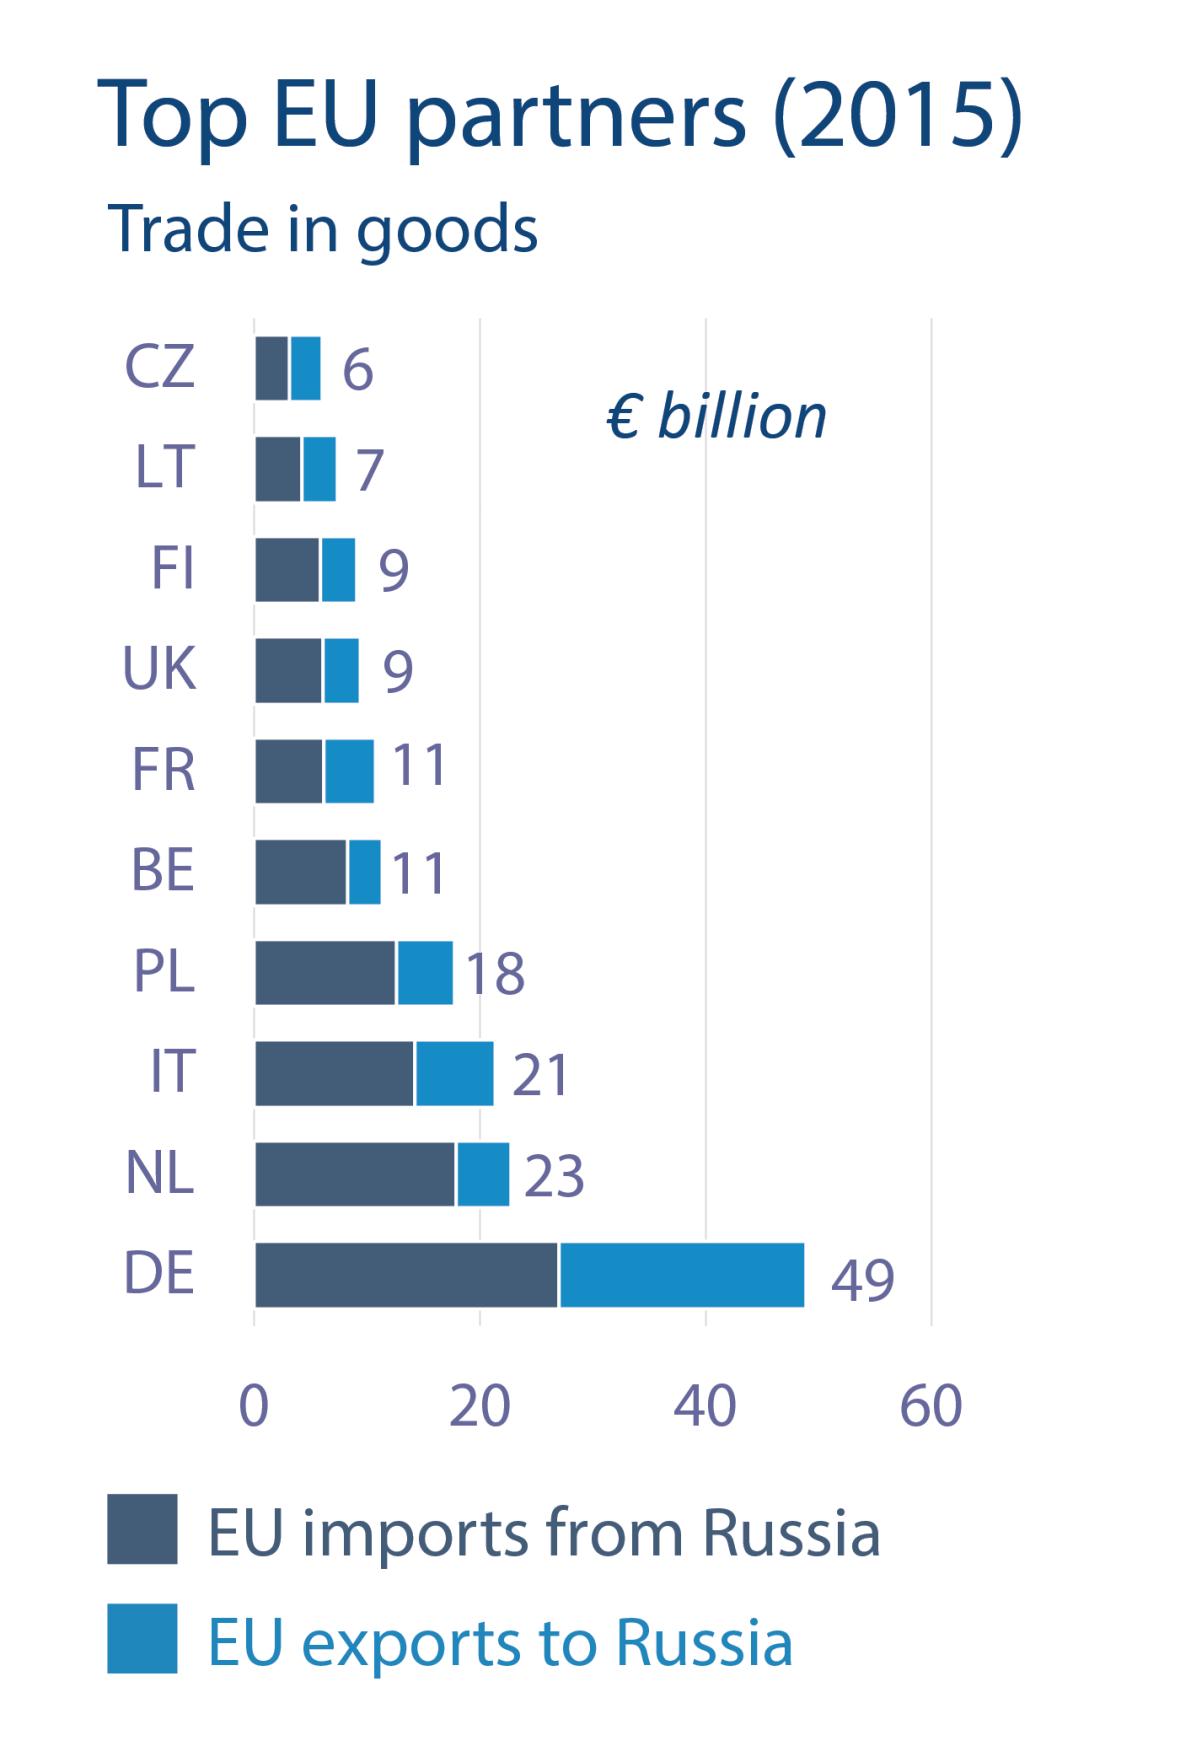 Top EU partners (2015), Trade in goods